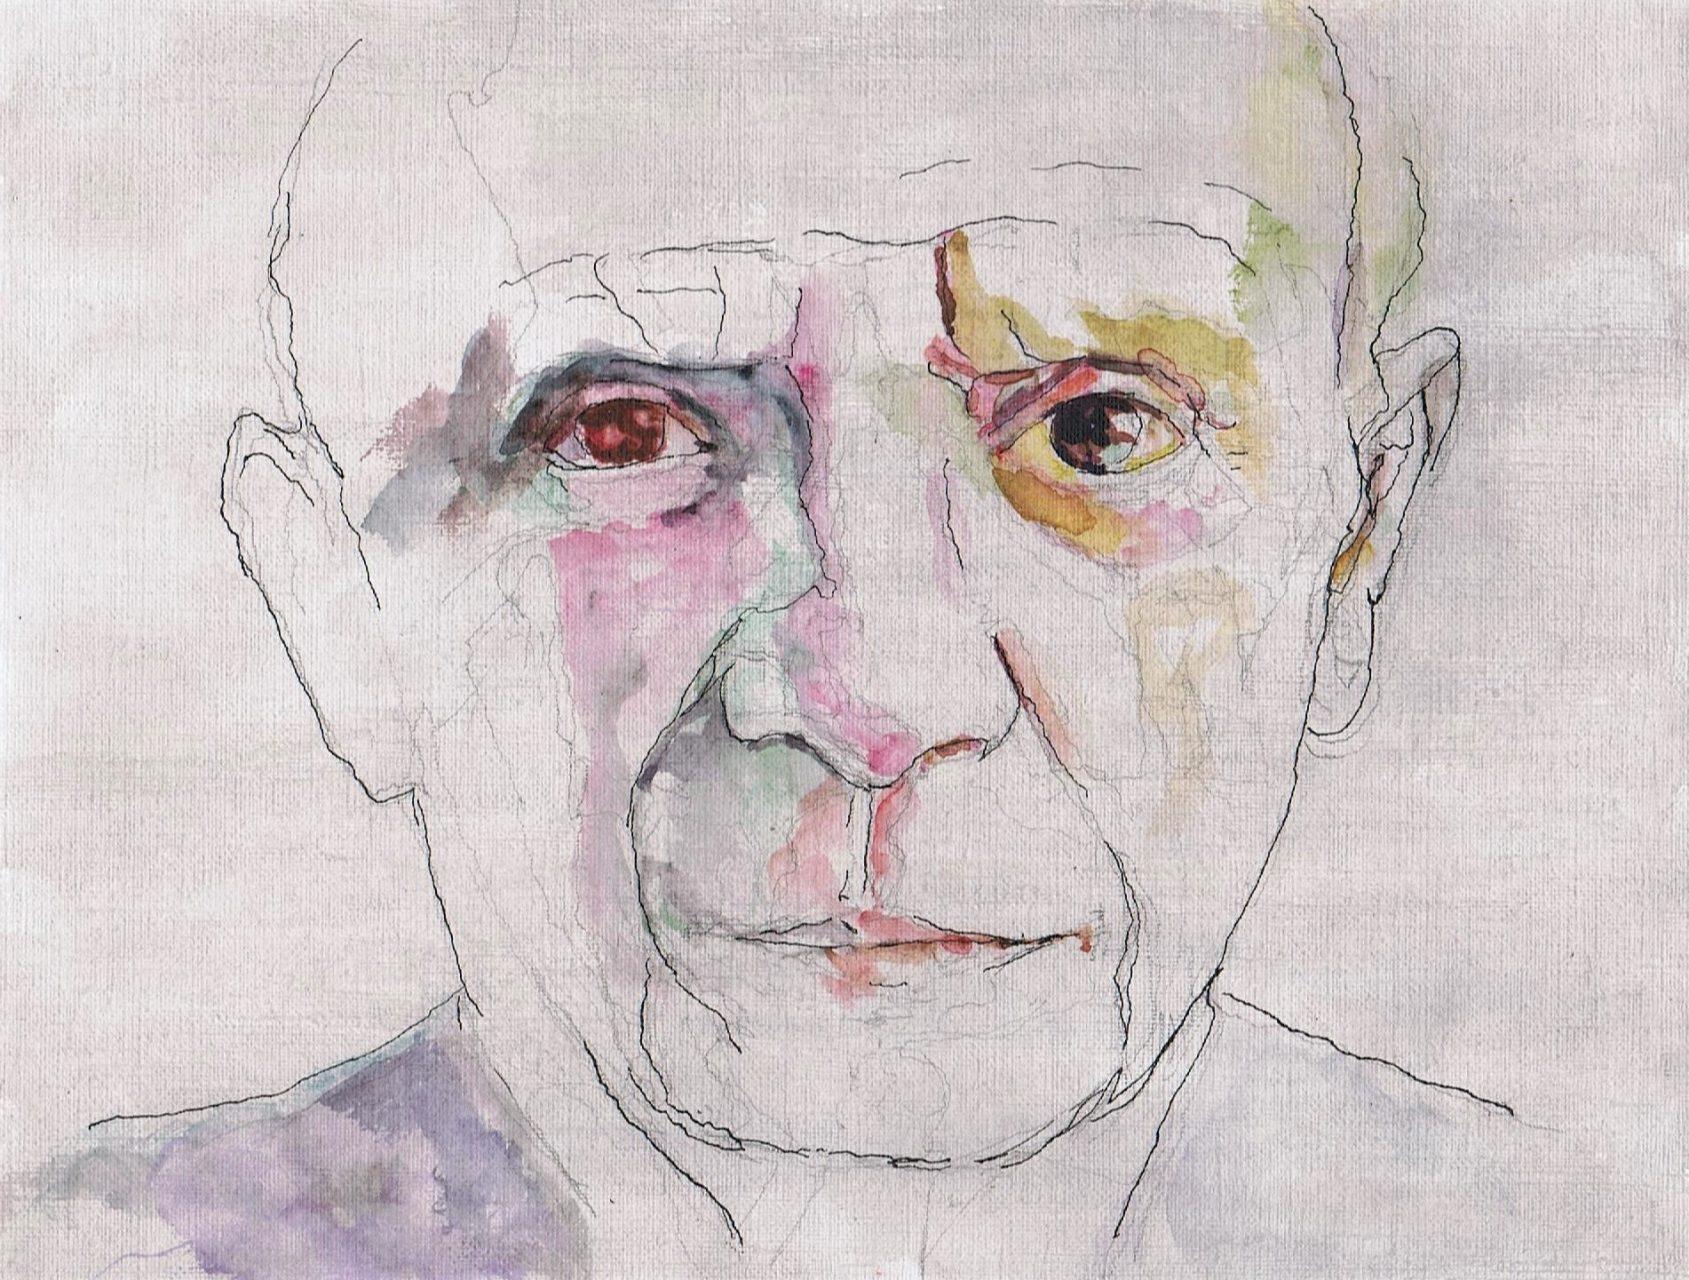 365 dagen een portret 76 Picasso, kunstenaar Inkt en aquarel 19c25